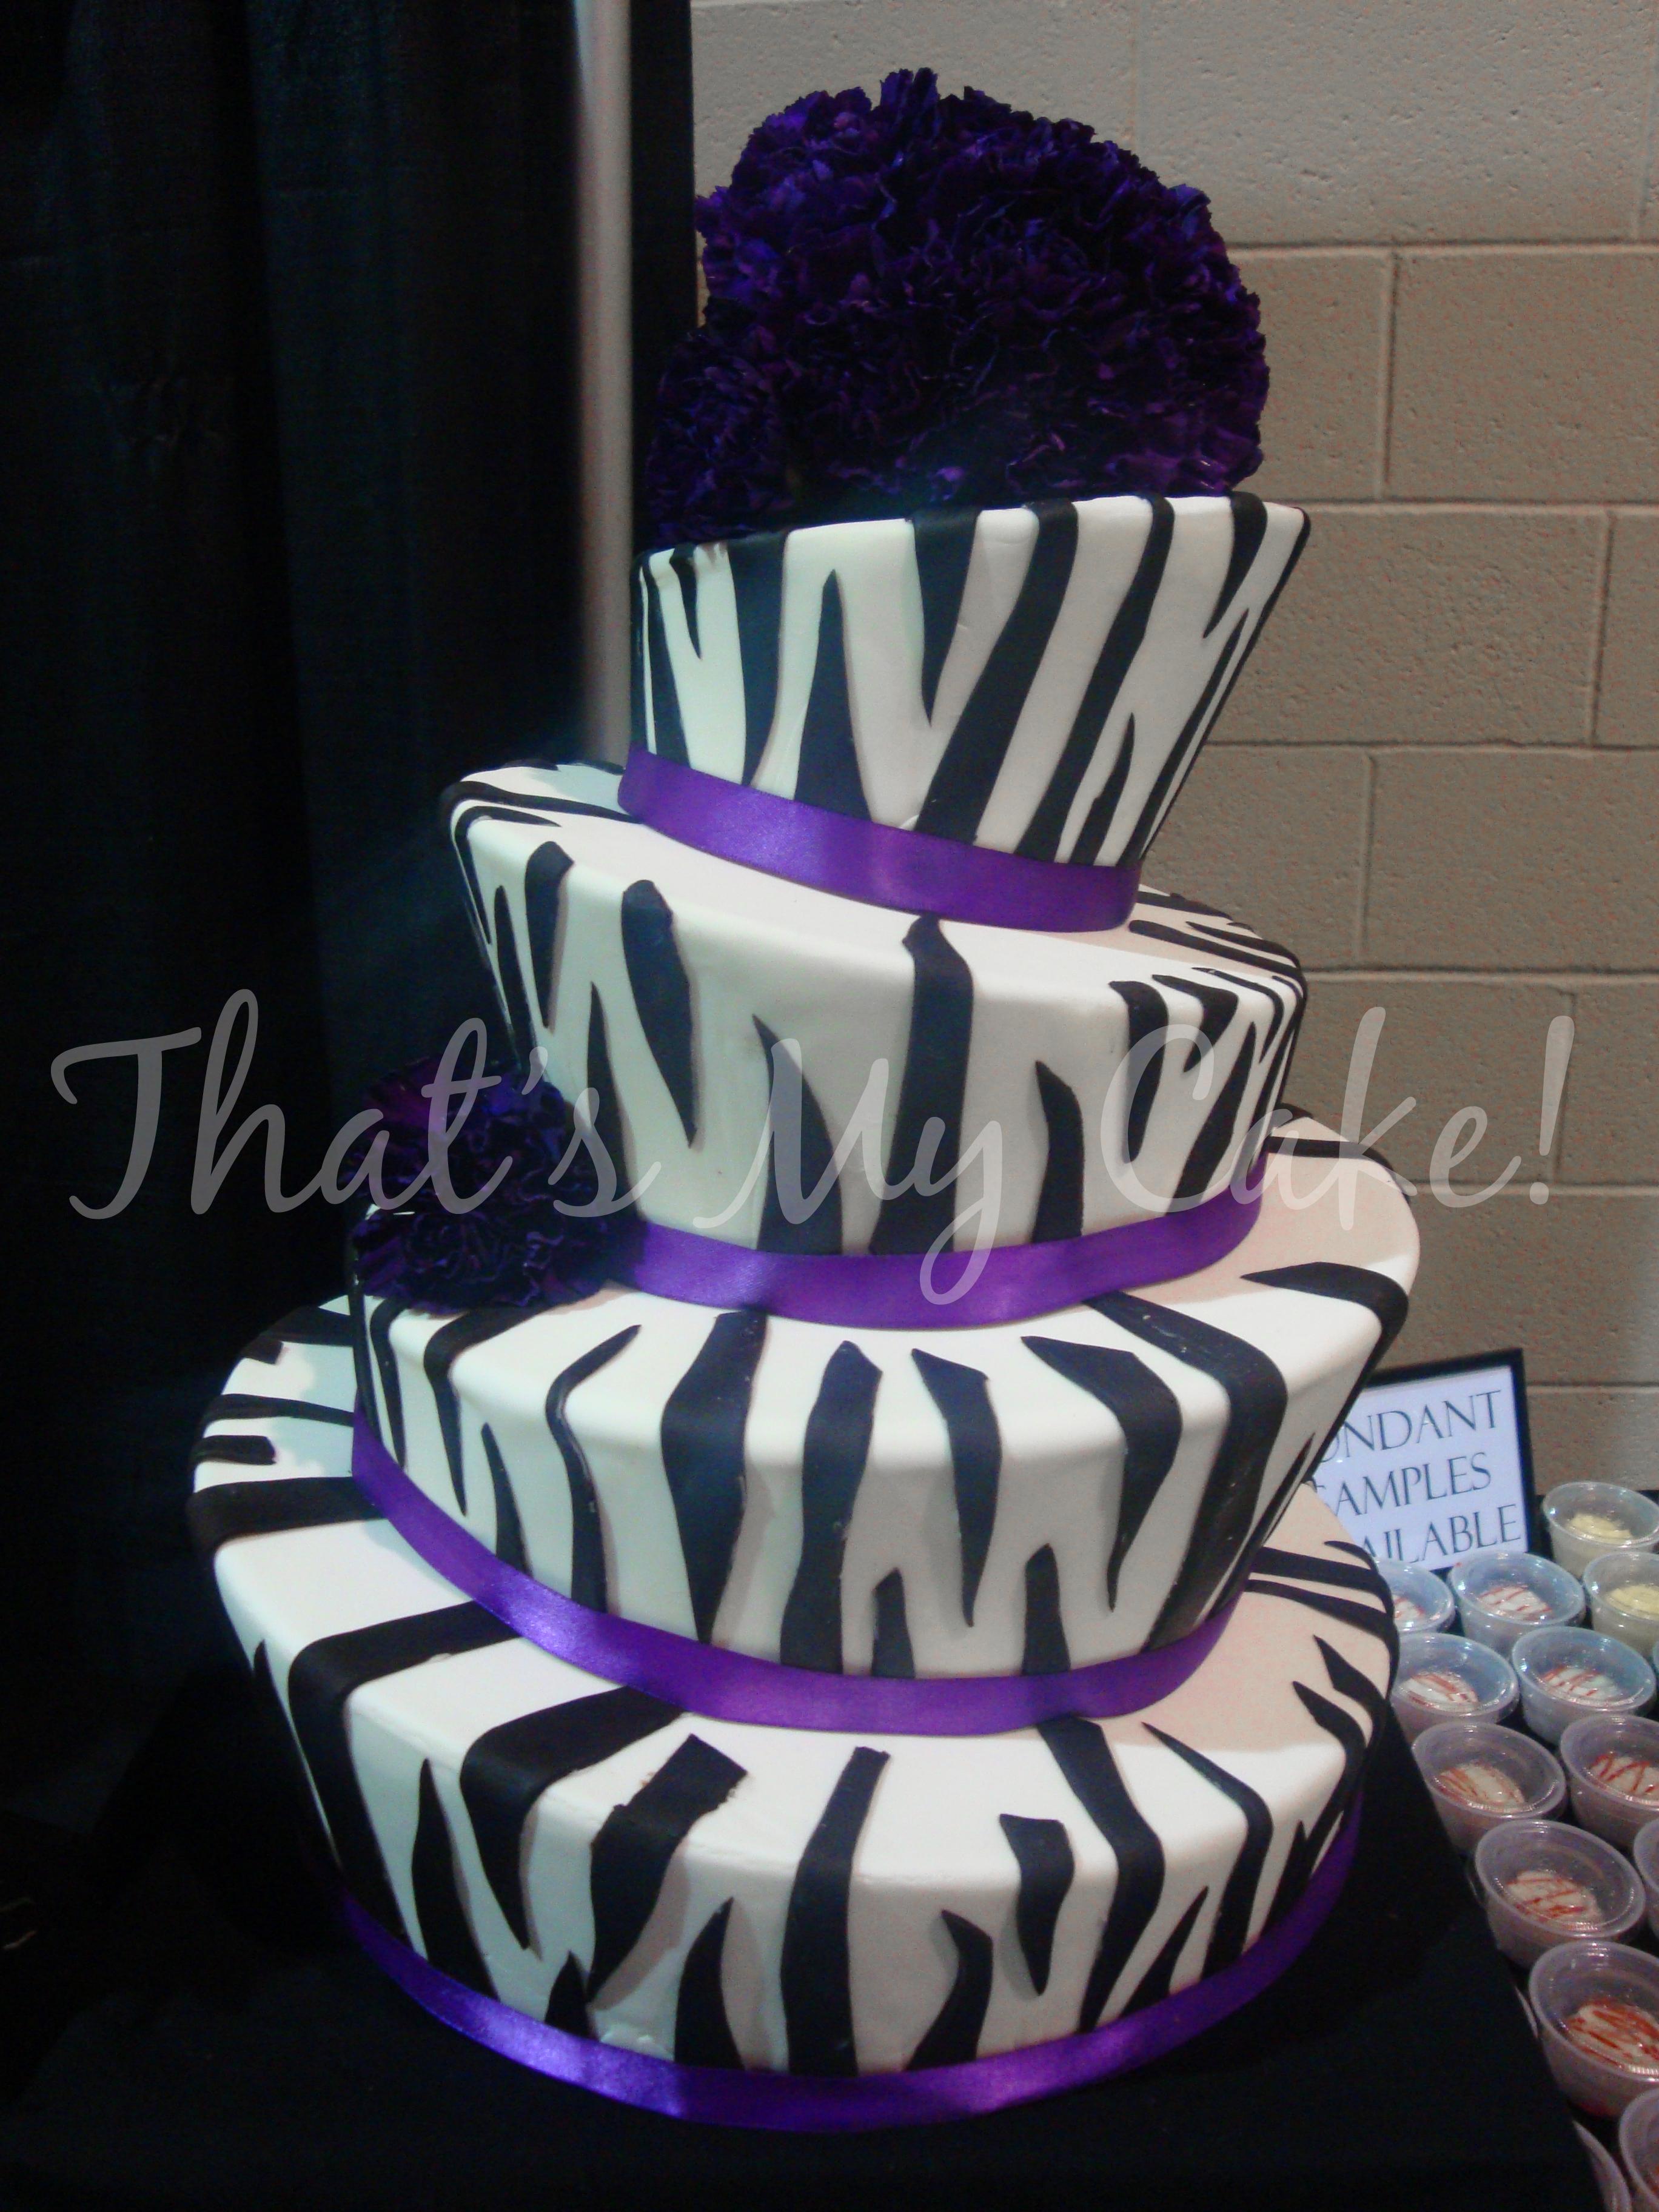 Cakes, Cake Wedding, Zebra Print Cakes, Amazing Cakes, Beautiful Cakes ...